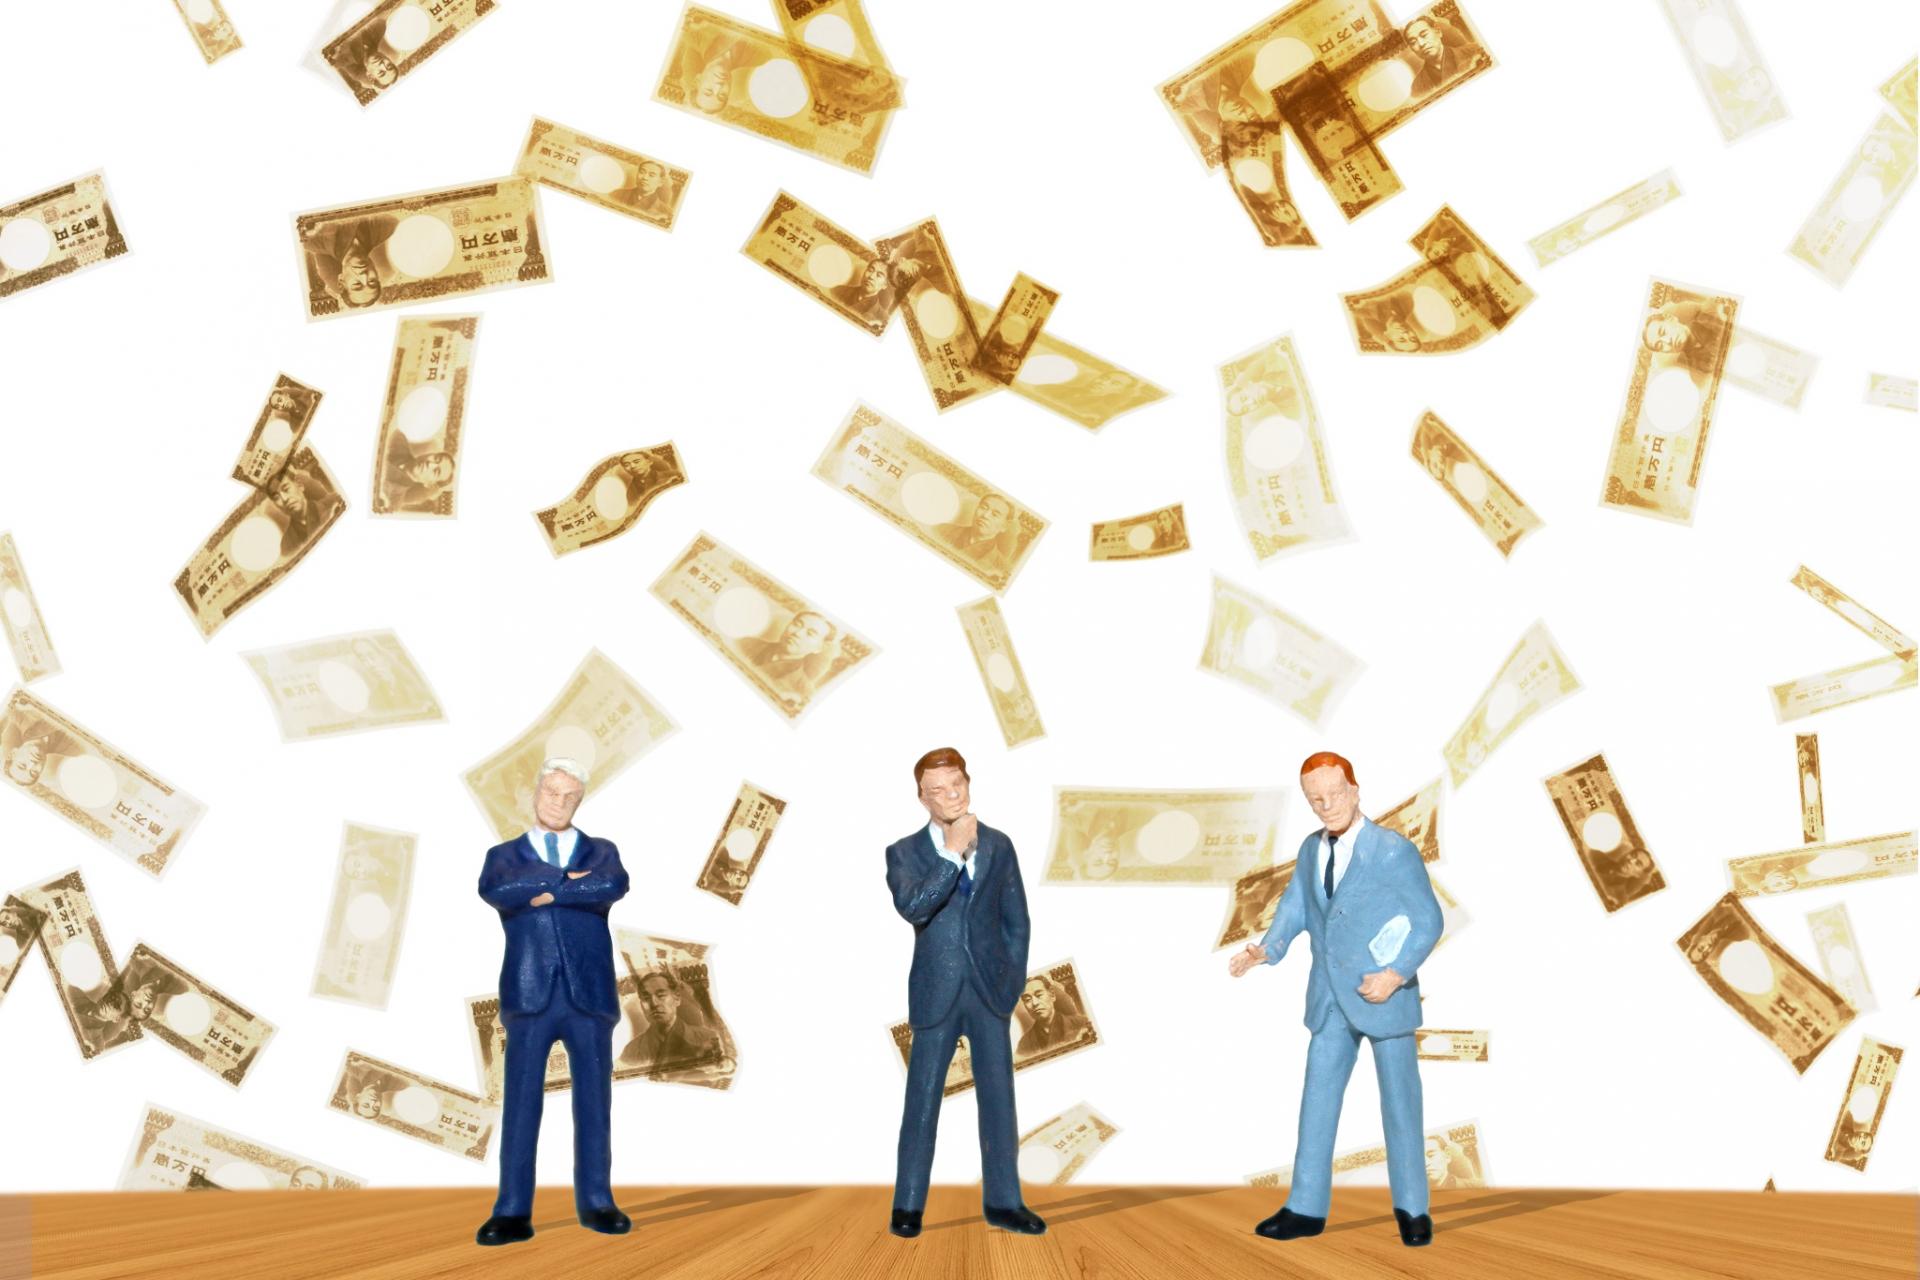 法人税の均等割について。税金の種類や仕組みを理解して備えておこう